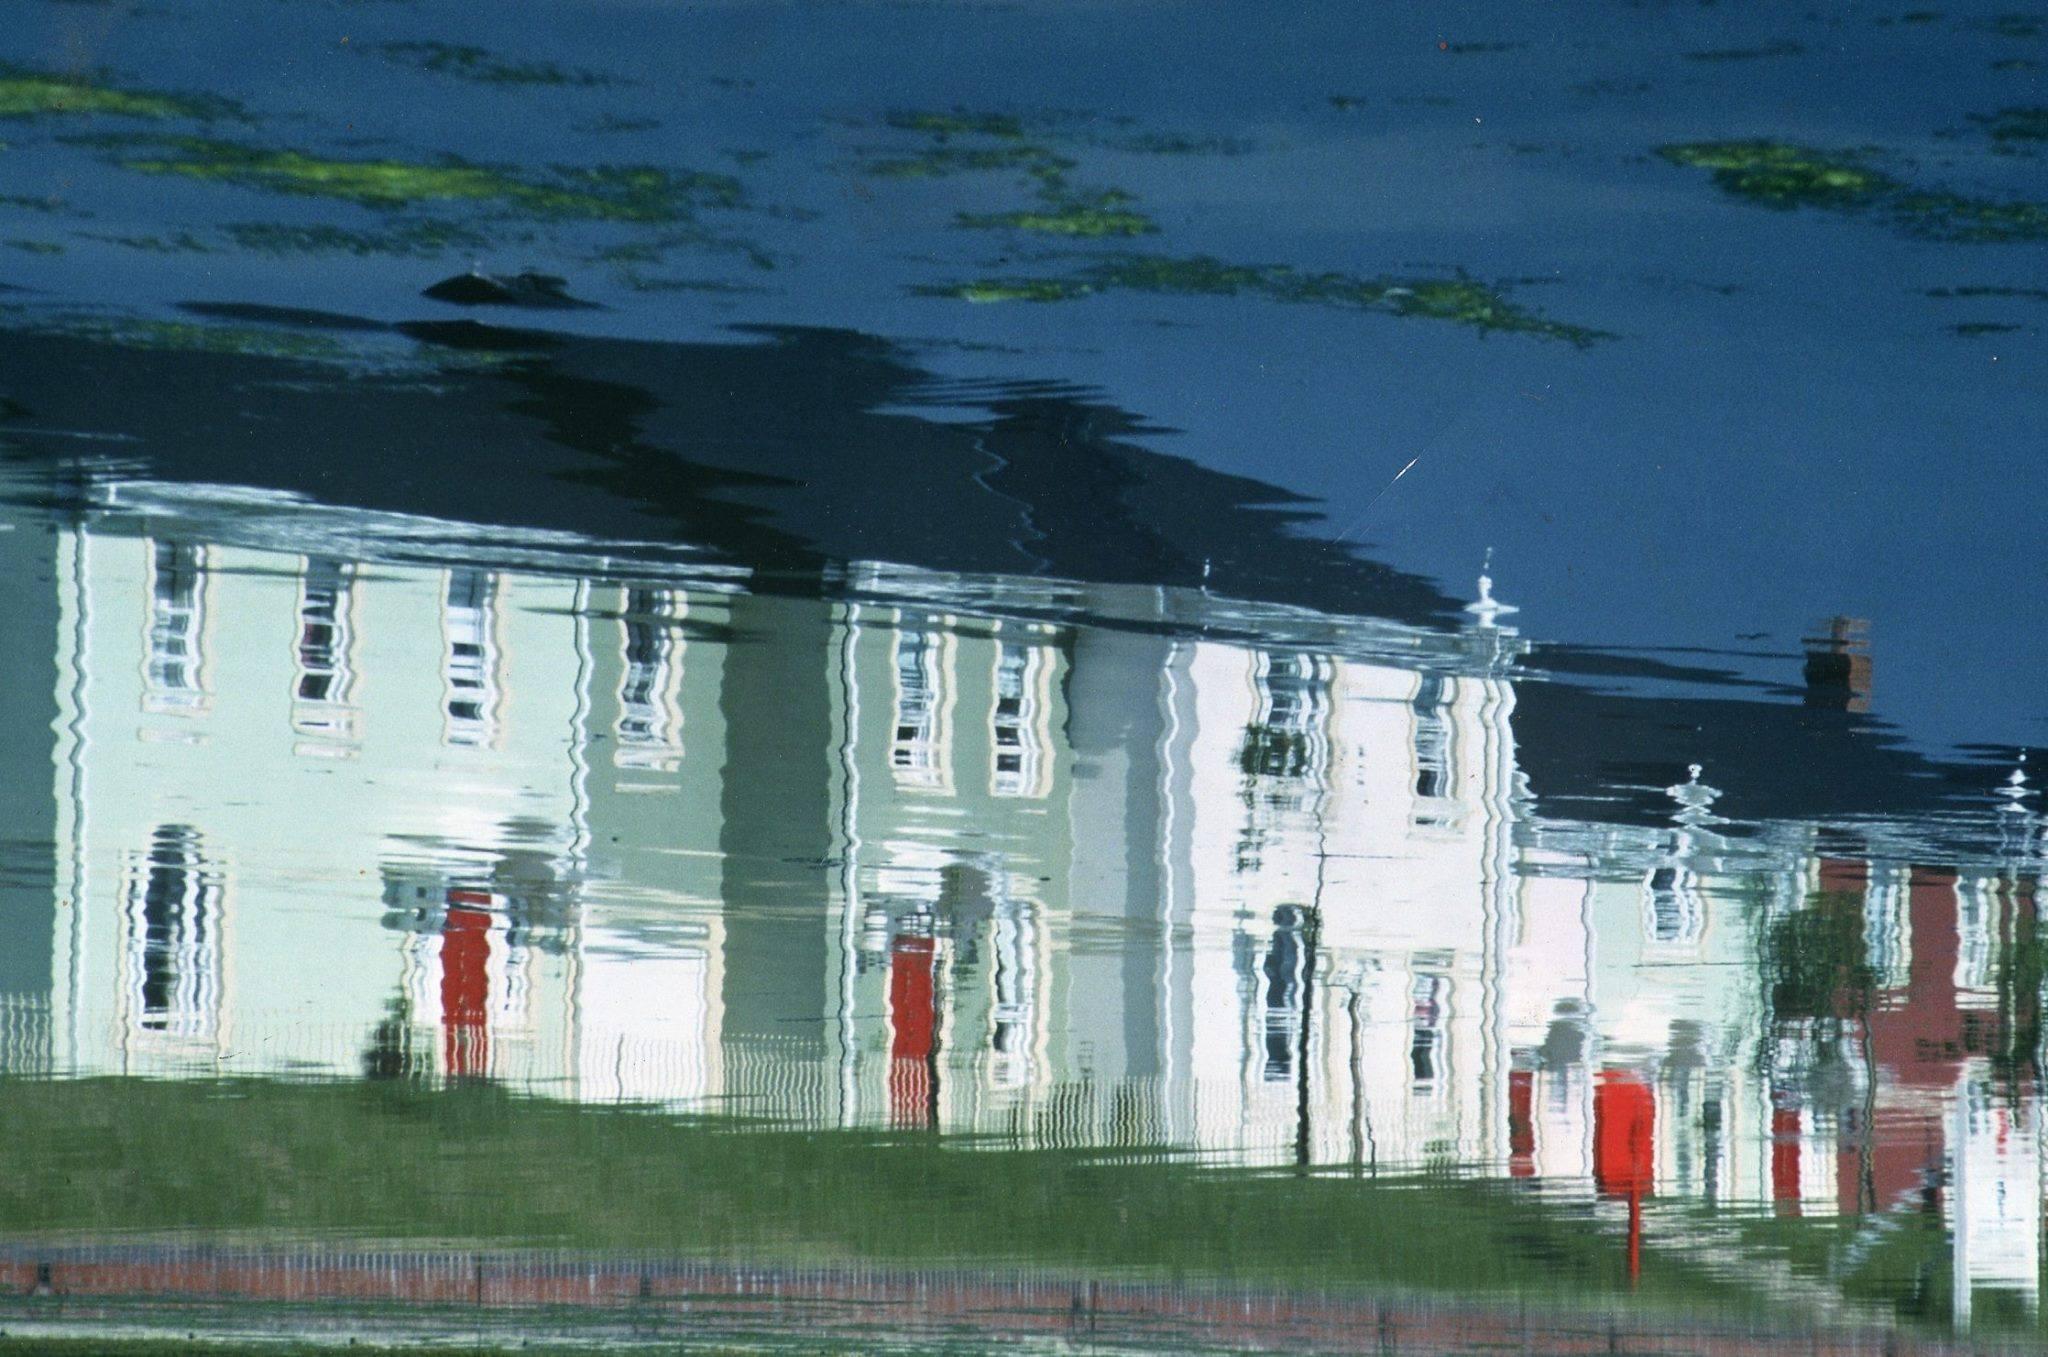 Watermead Lake, Aylesbury by Roy Adams